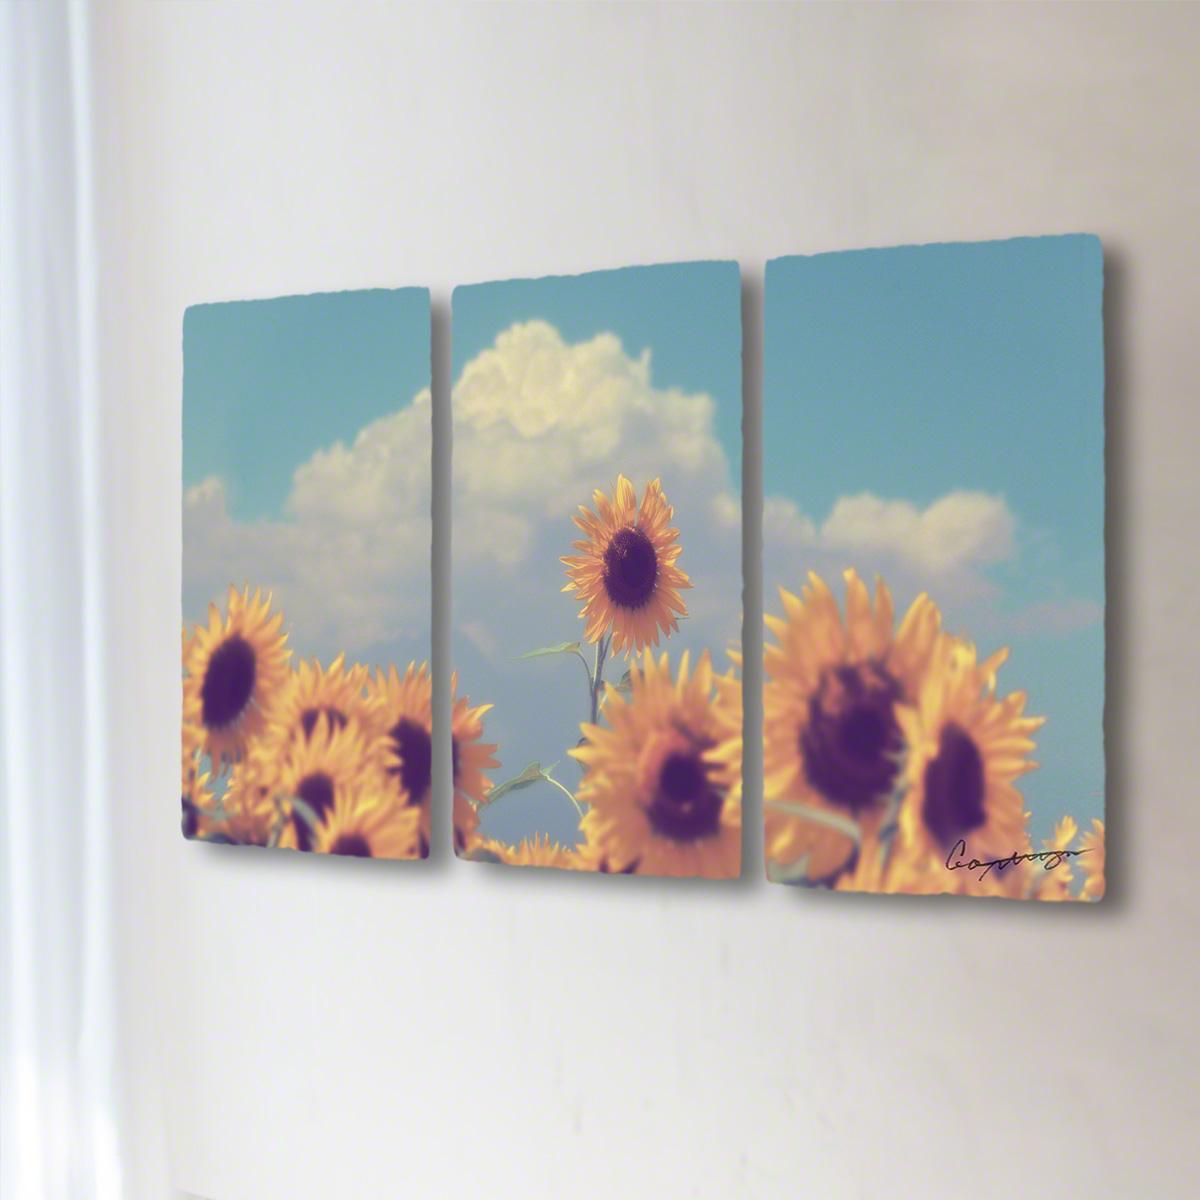 和紙 手作り アートパネル 3枚続き 「入道雲と顔を出したヒマワリの花」(128x72cm) 絵画 絵 ポスター 壁掛け モダン アート 和風 オリジナル インテリア 風景画 ランキング おすすめ おしゃれ 人気 キッチン リビング ダイニング 玄関 和室